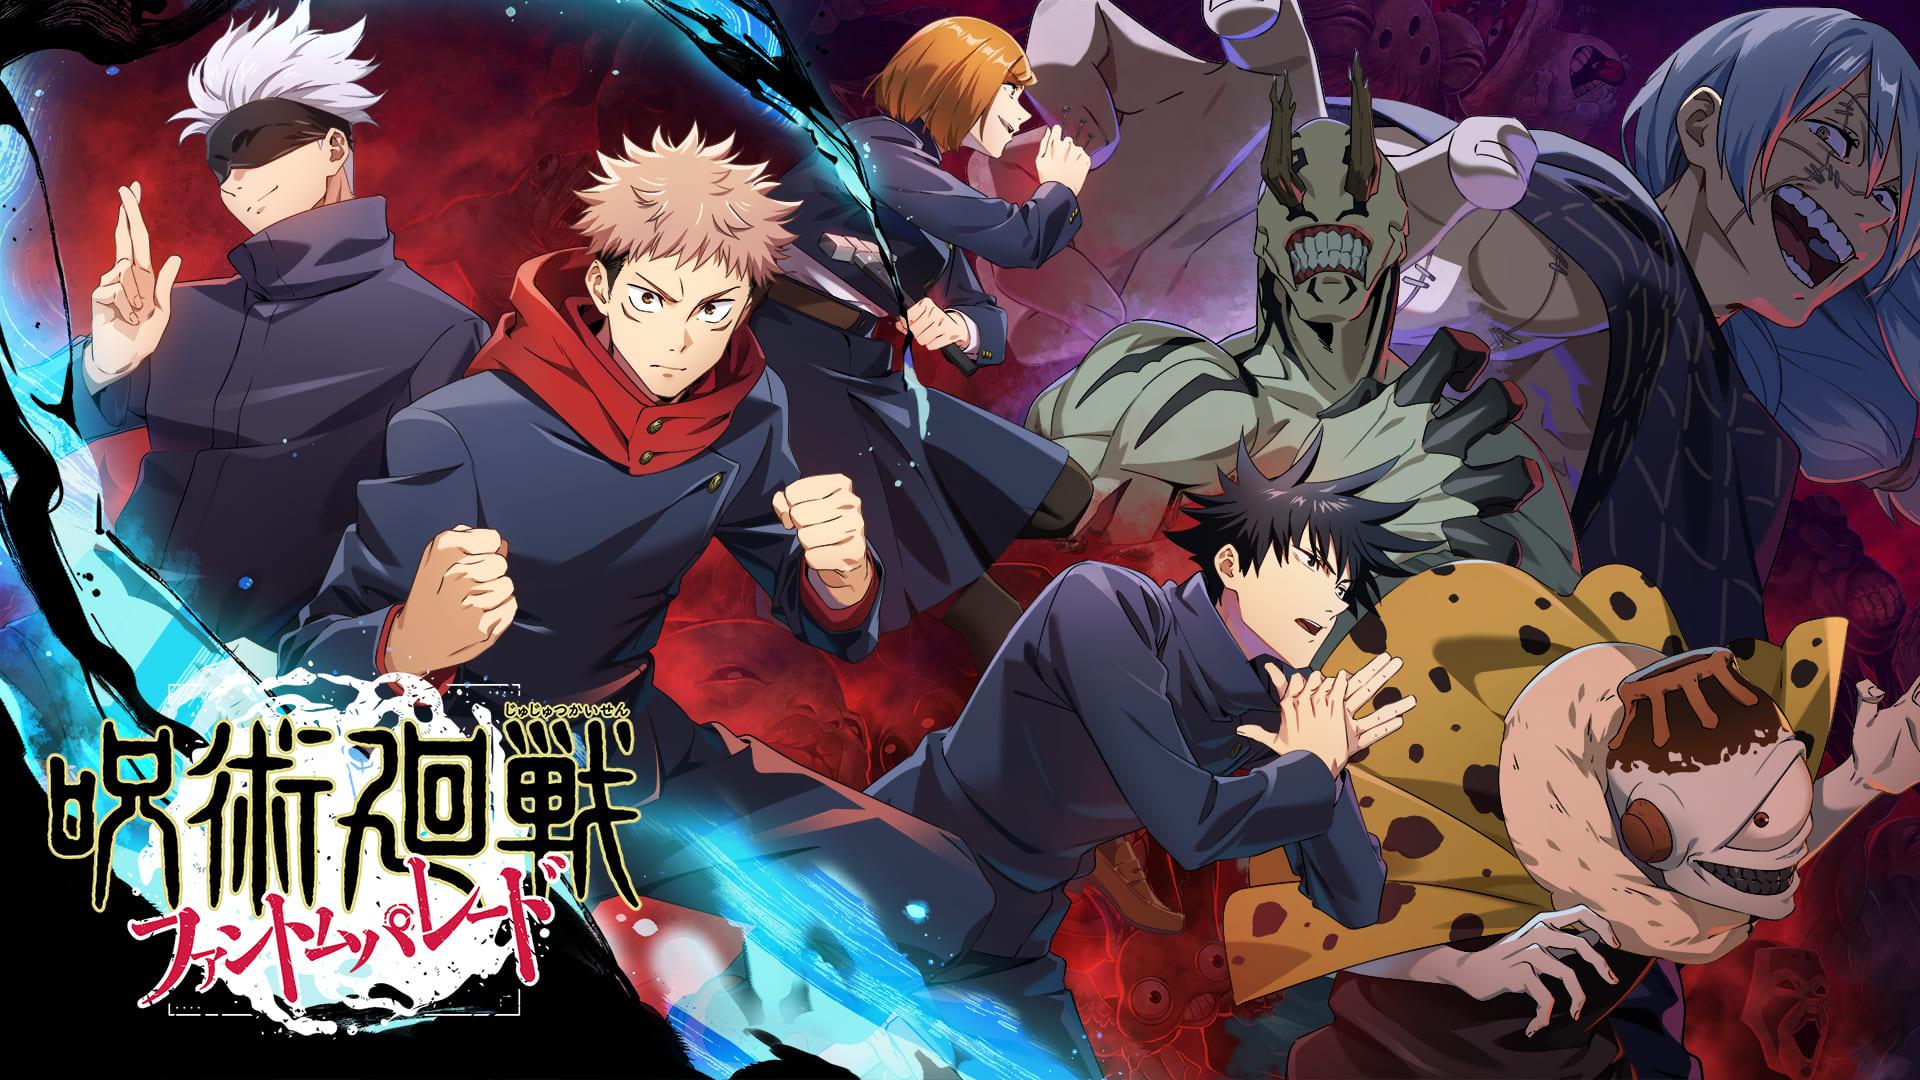 「呪術廻戦」初のスマホゲーム!「呪術廻戦 ファントムパレード」を正式発表!